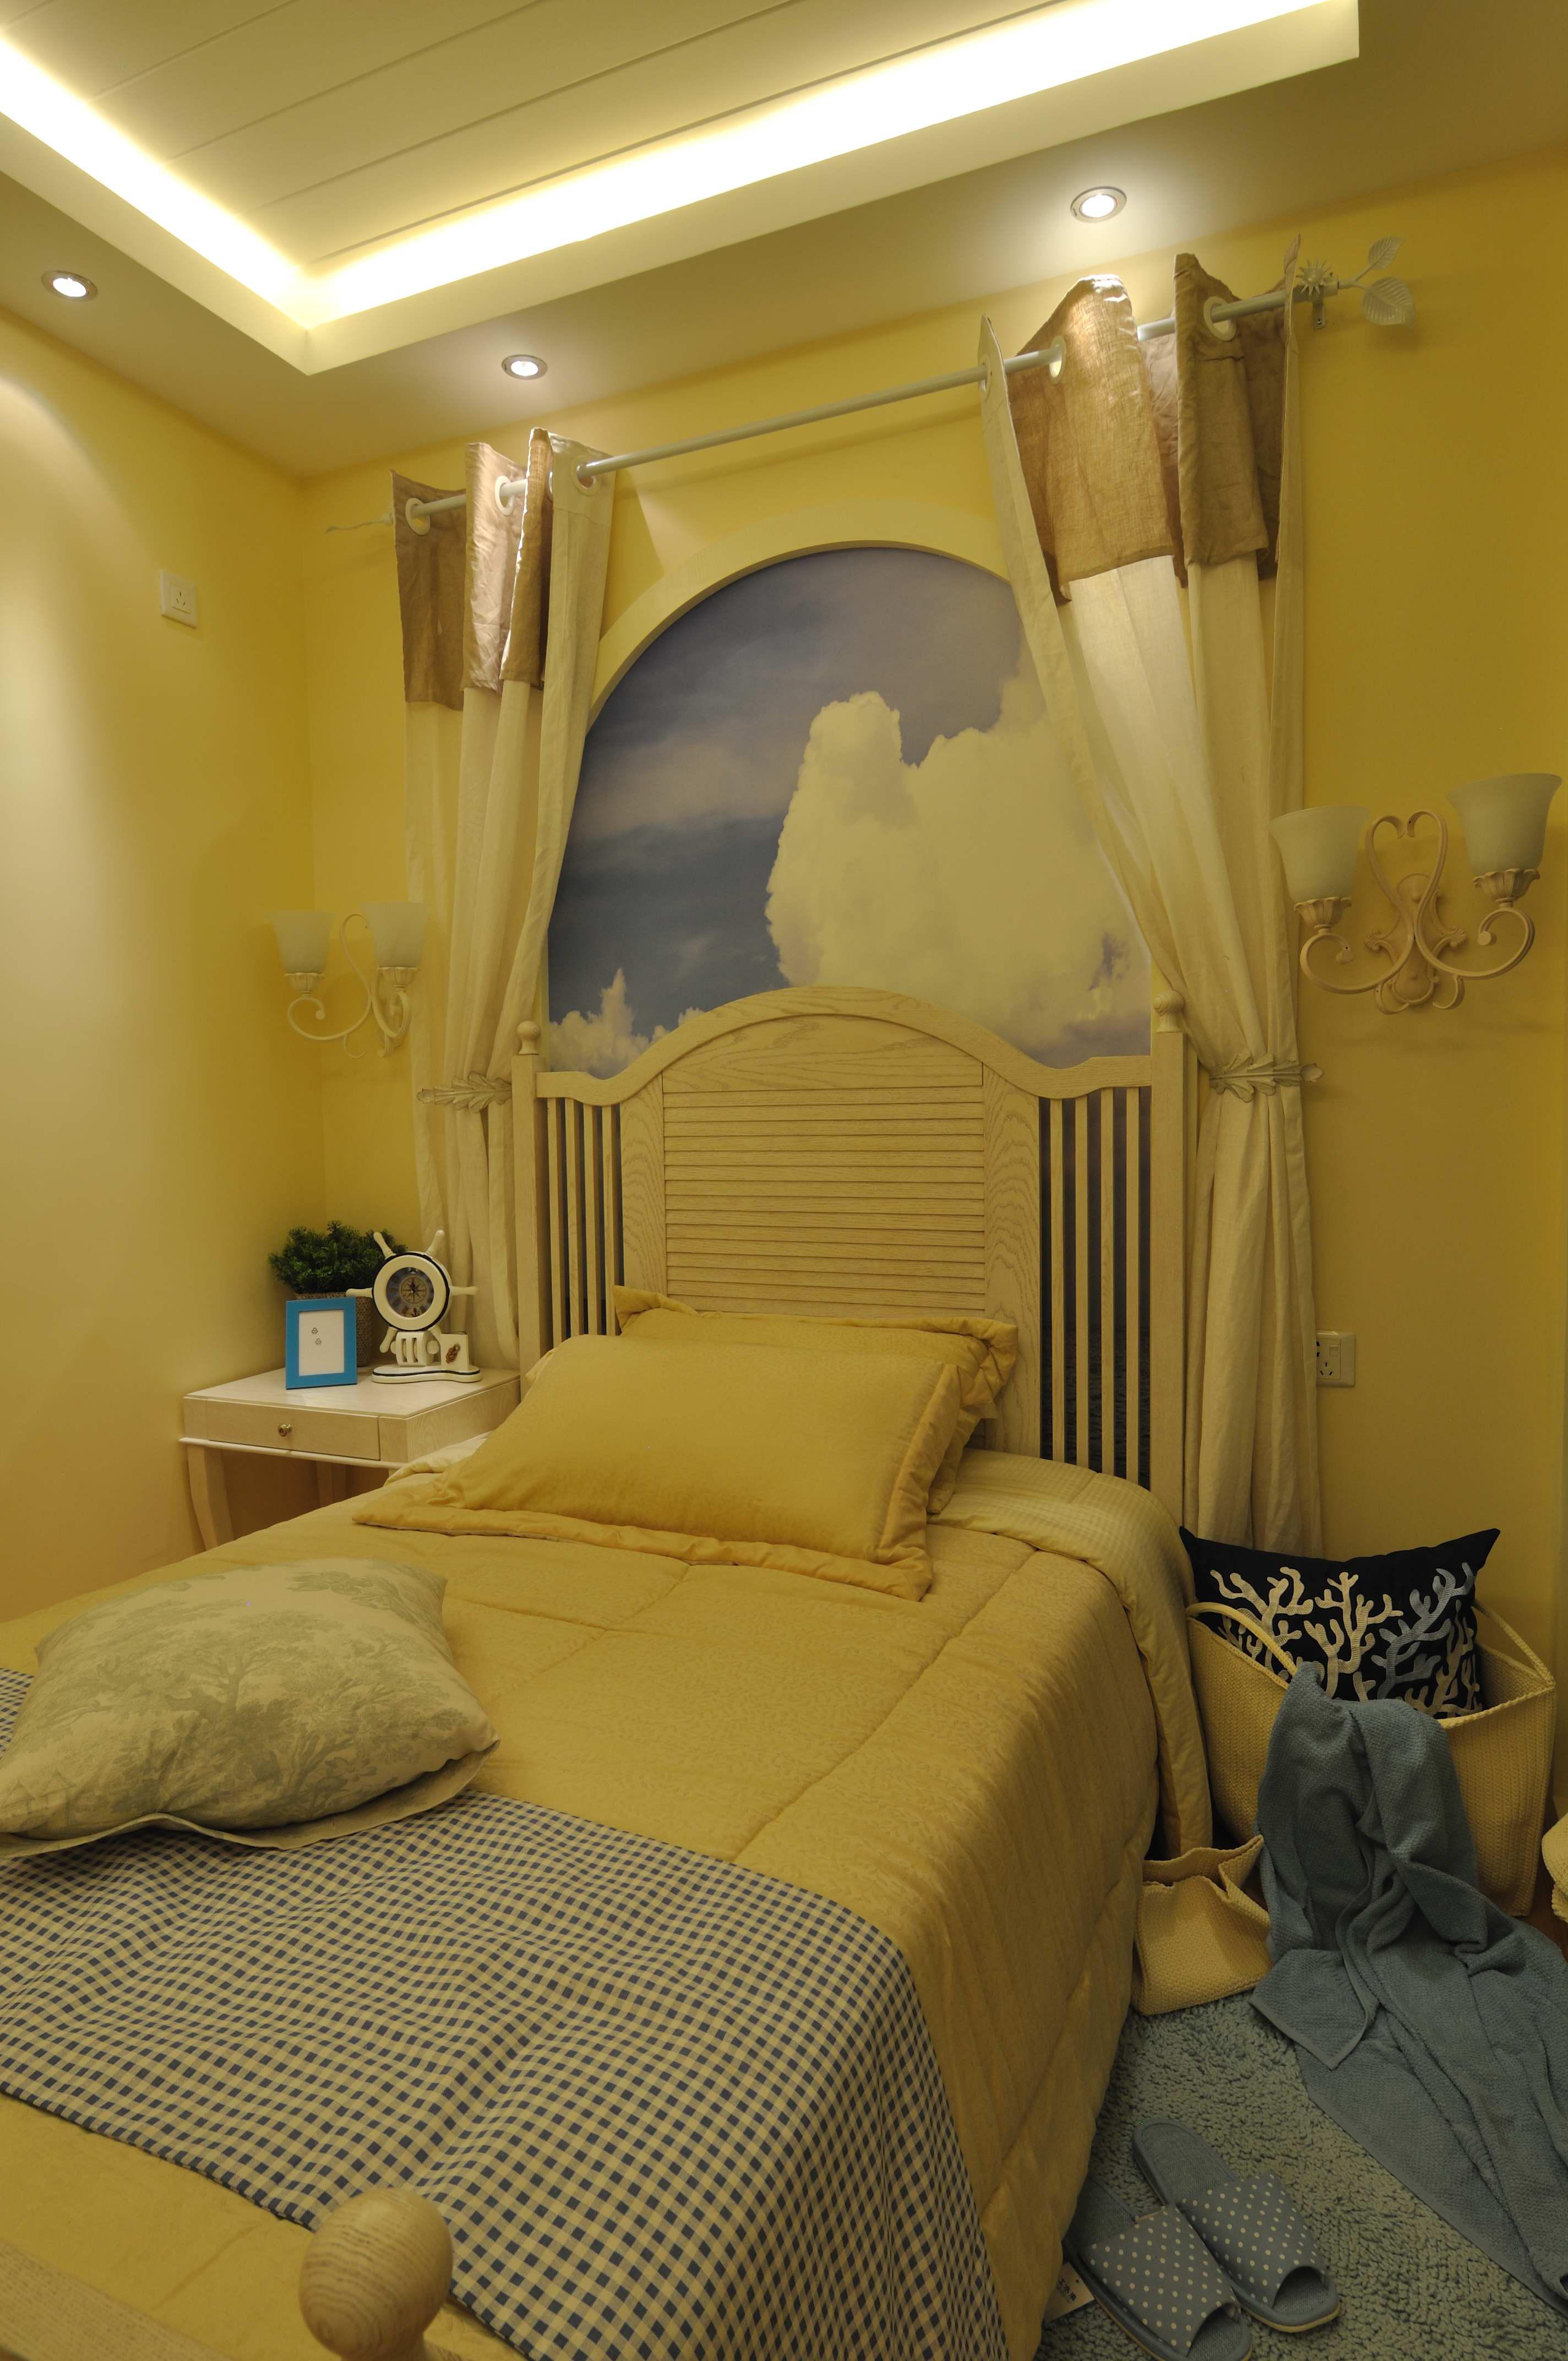 卧室 客厅 餐厅 卫生间 二居 卧室图片来自合肥生活家在天下锦城的分享